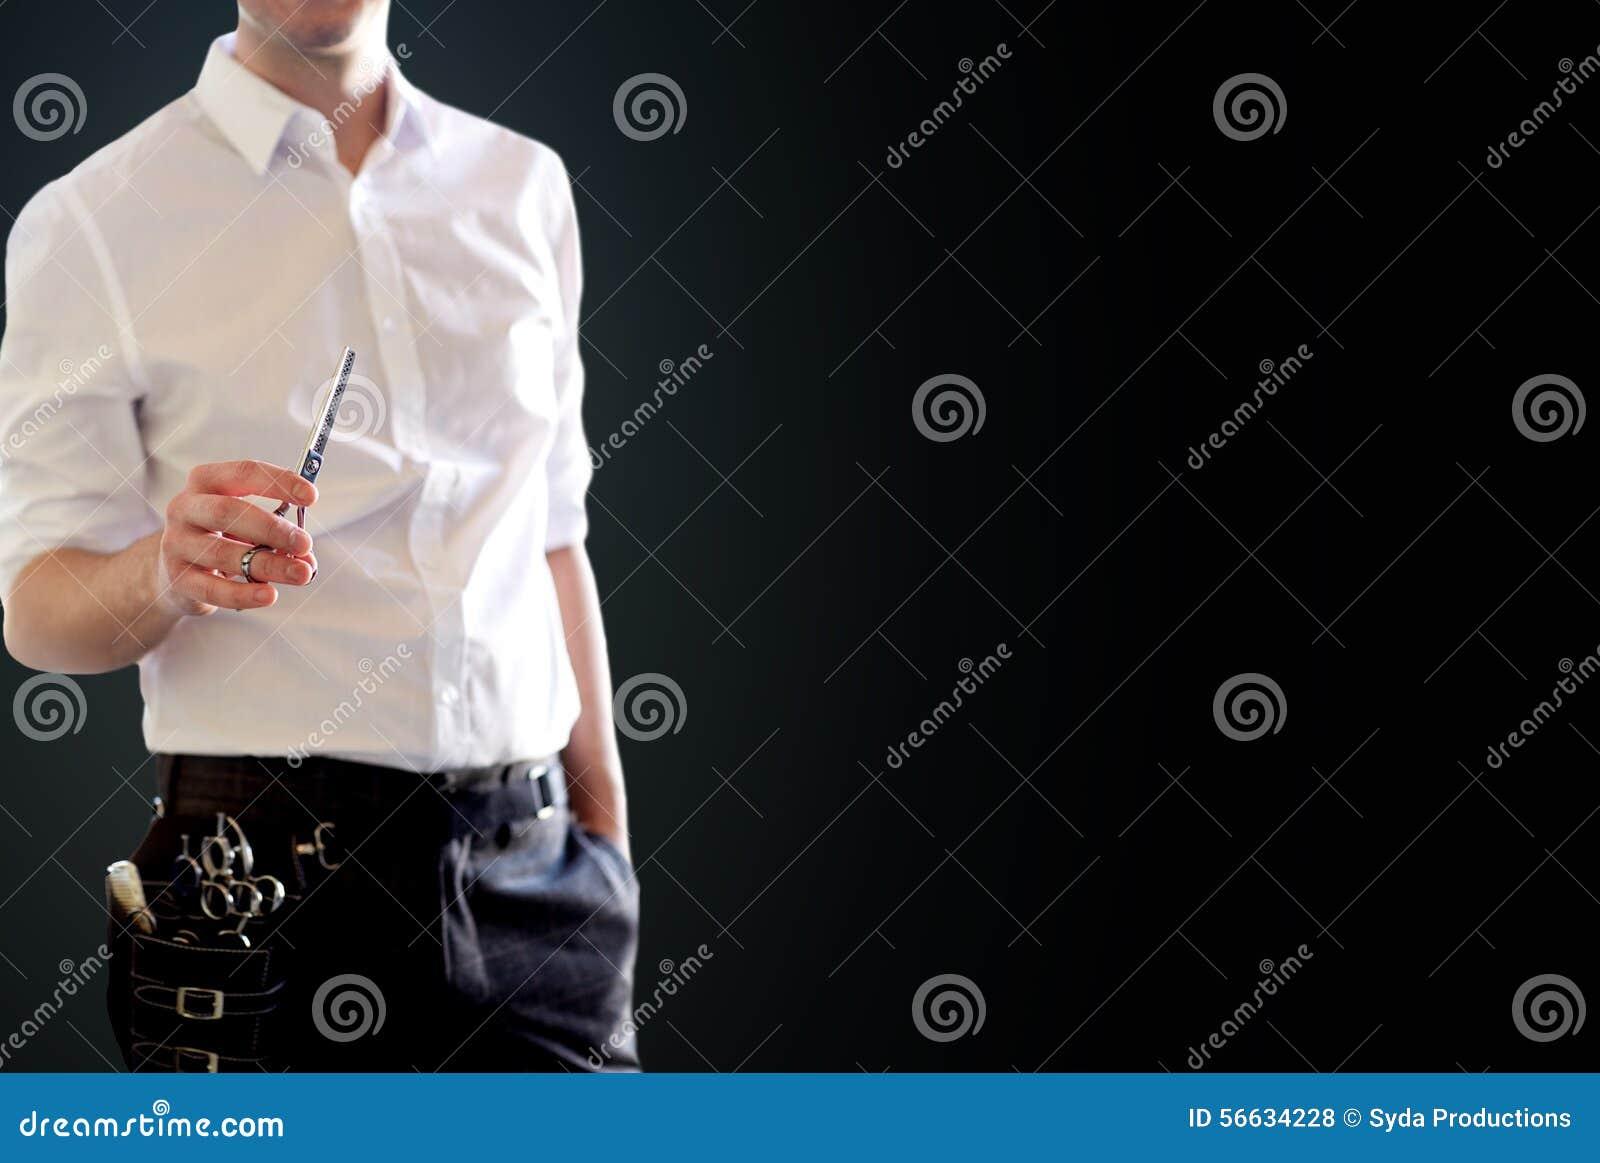 Fermez-vous du styliste masculin avec des ciseaux au-dessus de noir